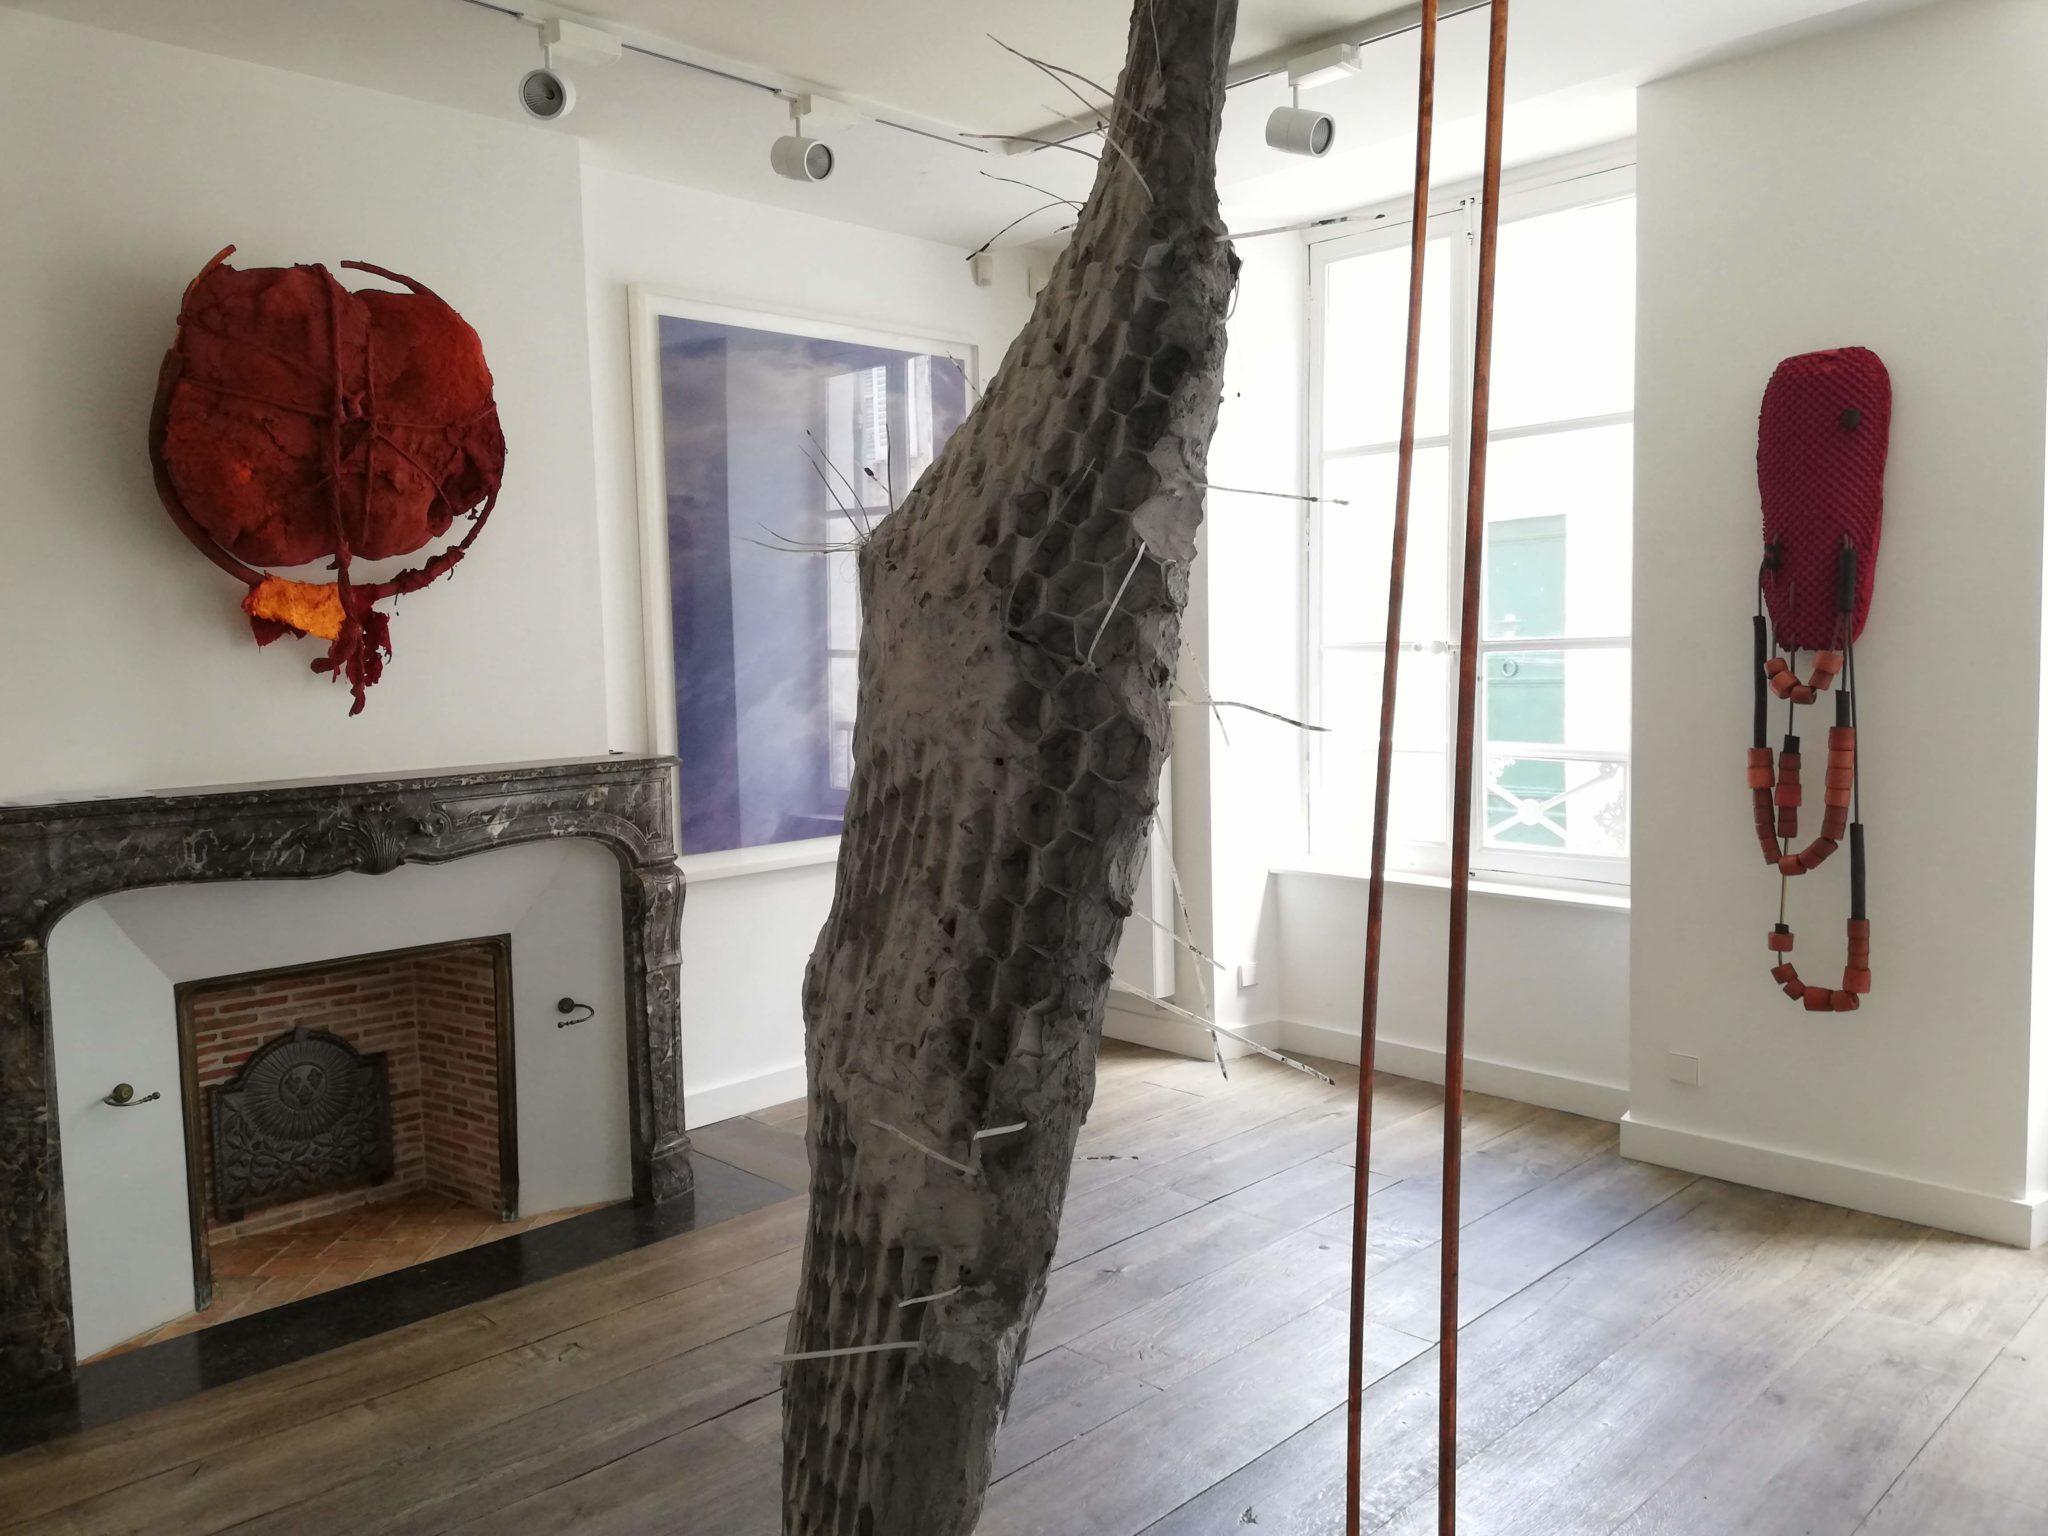 5 oeuvres d'Amandine Arcelli à la Fondation Francès